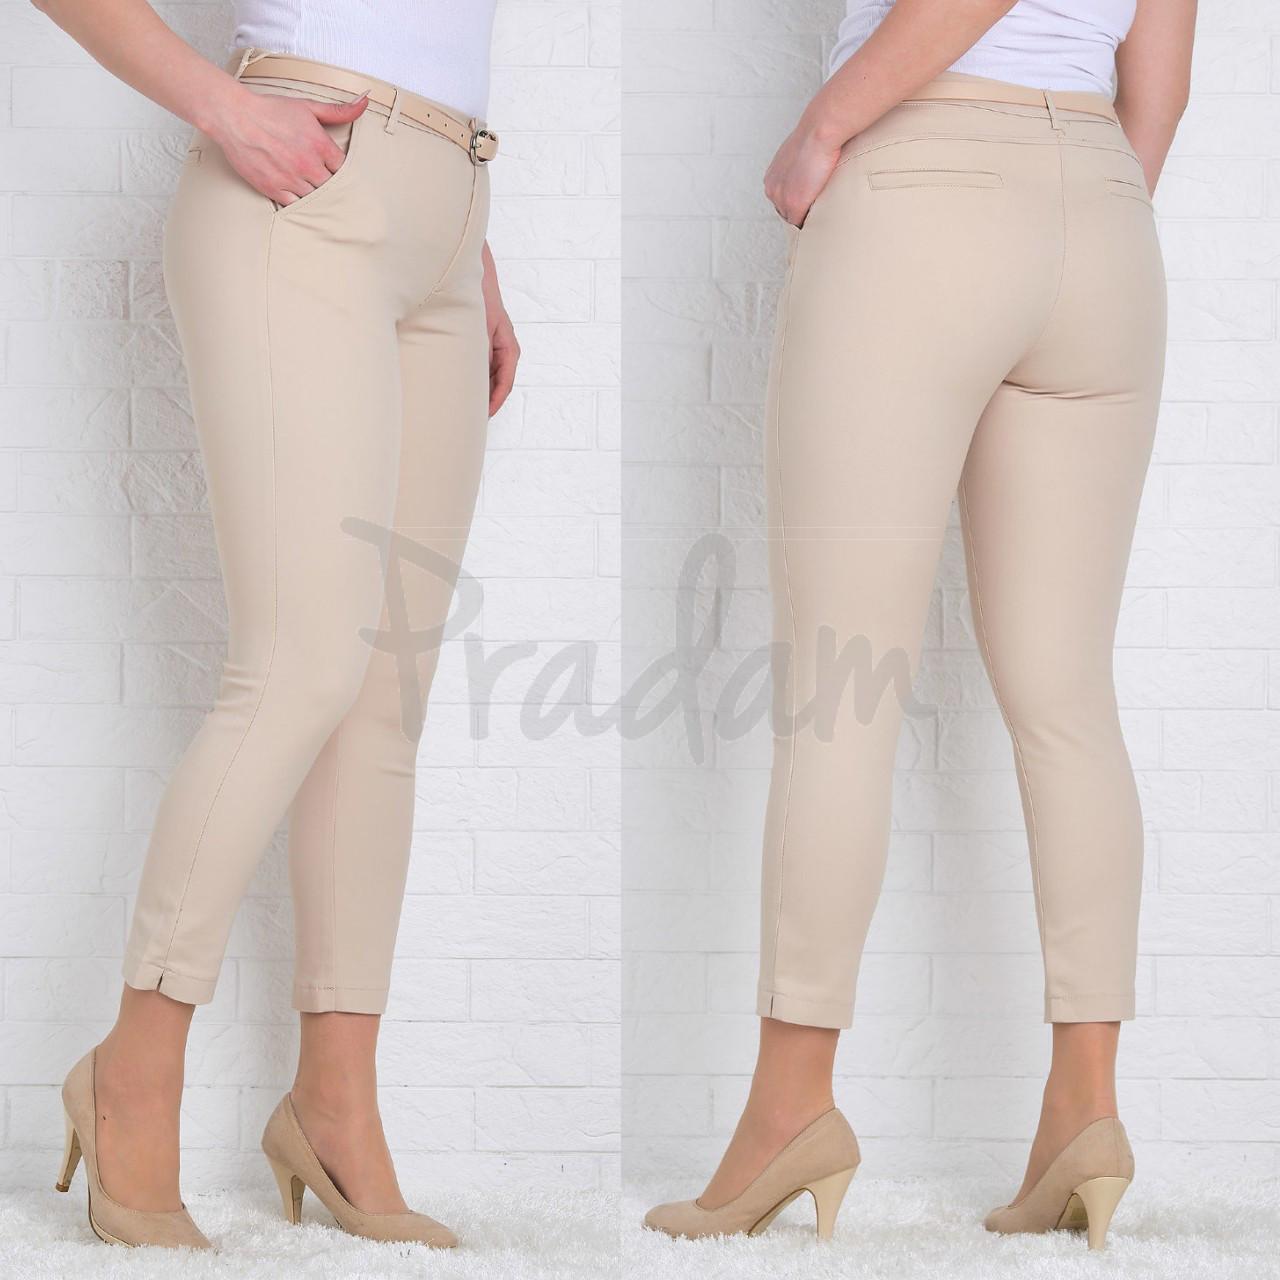 9783-P (GS9783P) Moon girl брюки женские батальные 7/8 бежевые весенние стрейчевые (30-38, 12 ед.)